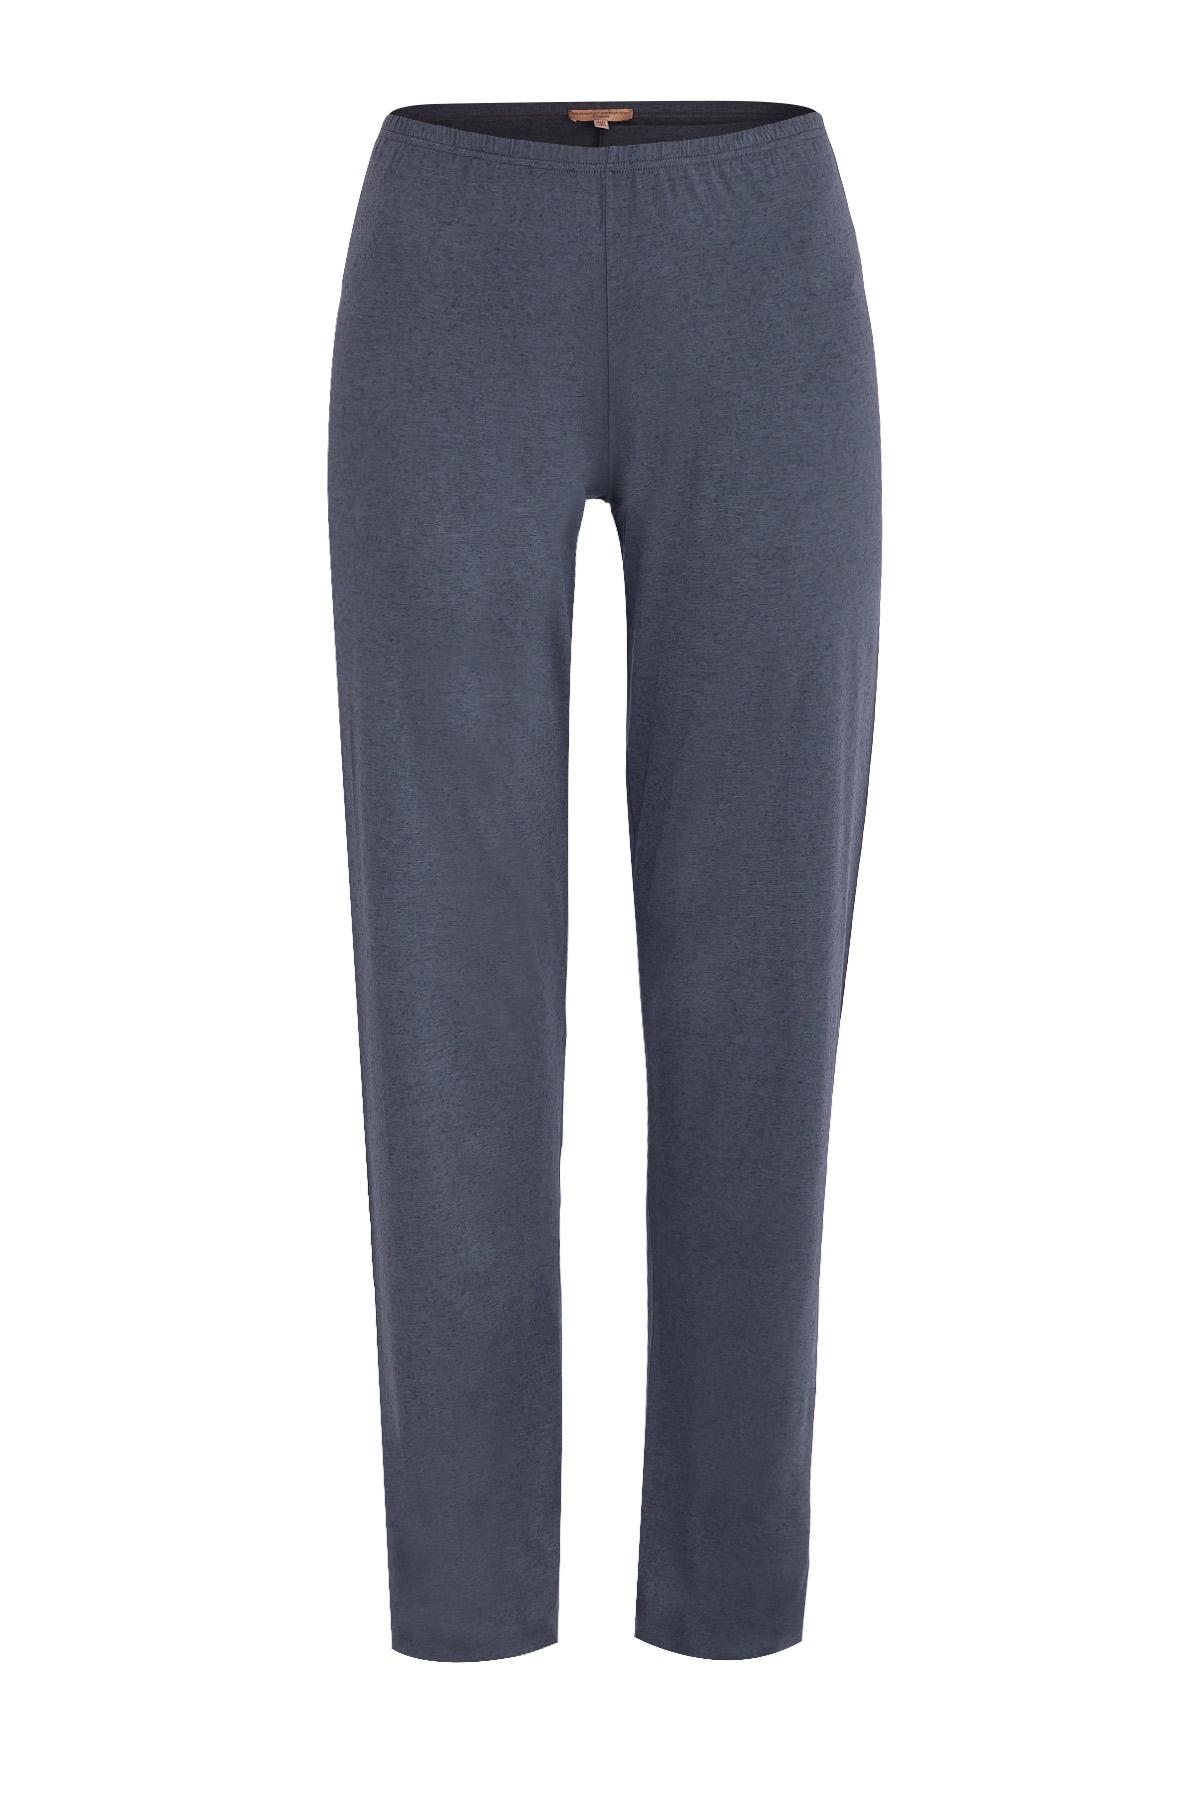 Купить Пижамные брюки, ERMANNO SCERVINO, Италия, 88% модал, 9% кашемир, 3% эластан